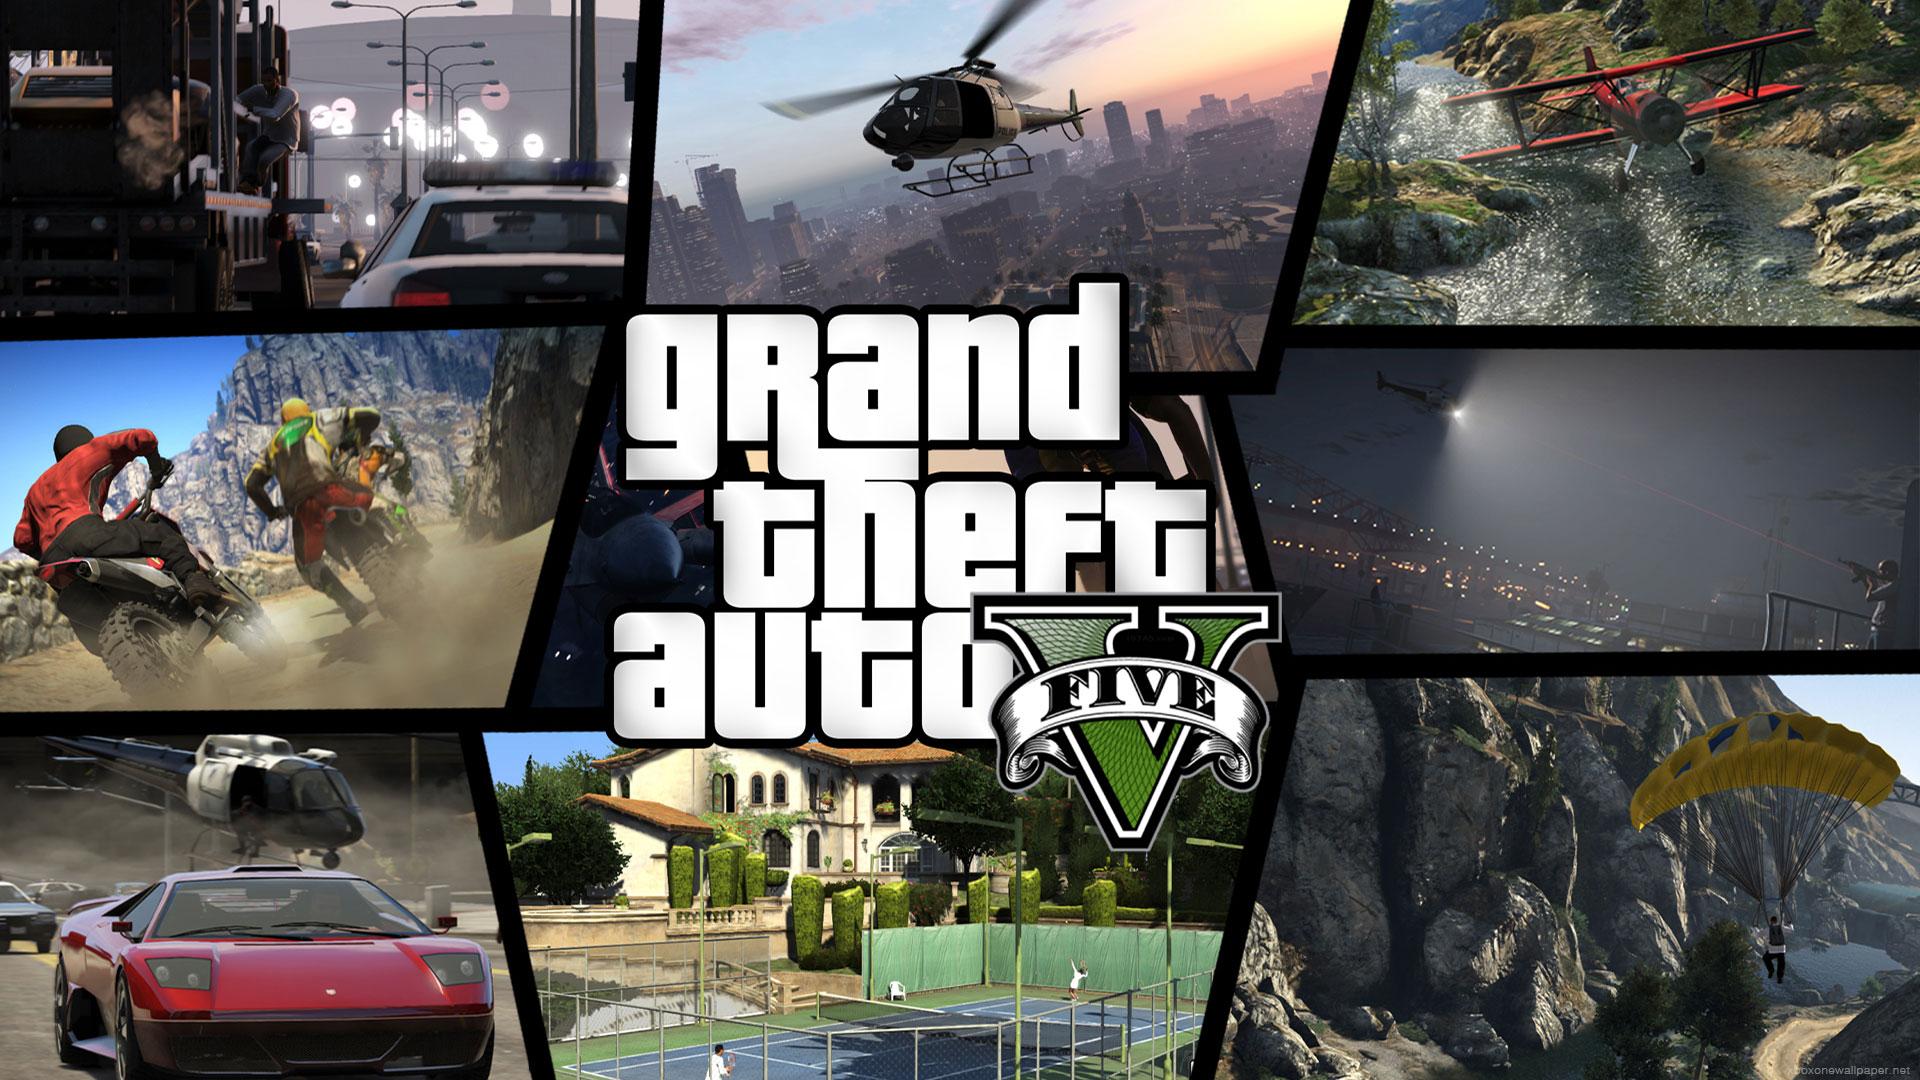 gta v pc problemi installazione grand theft auto v pc Rockstar Editor